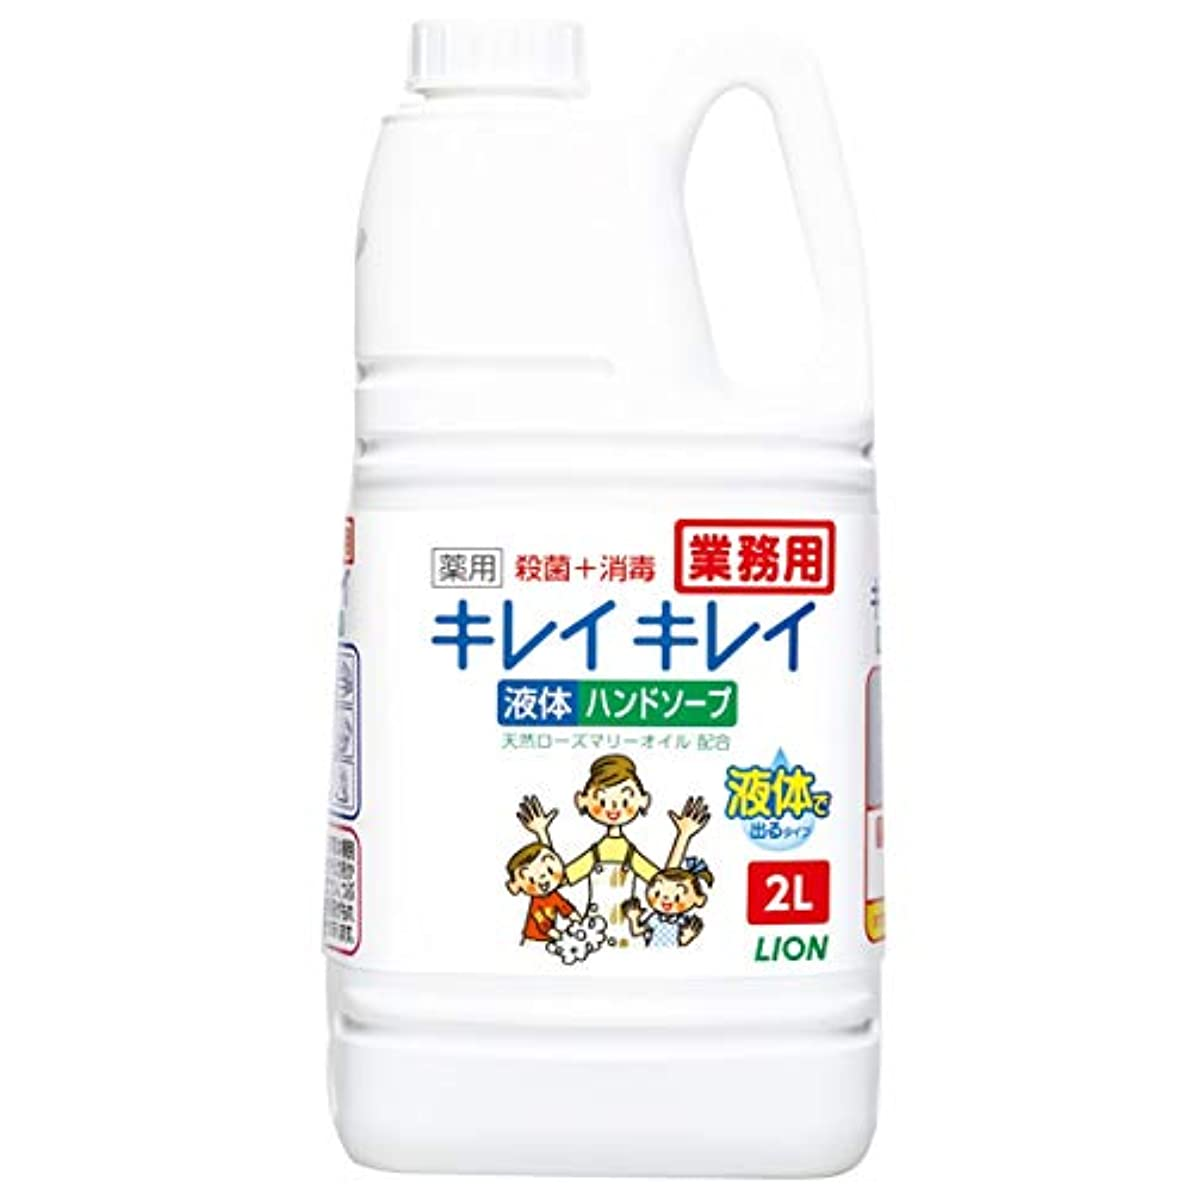 浸す評価摩擦【業務用 大容量】キレイキレイ 薬用 ハンドソープ 2L(医薬部外品)